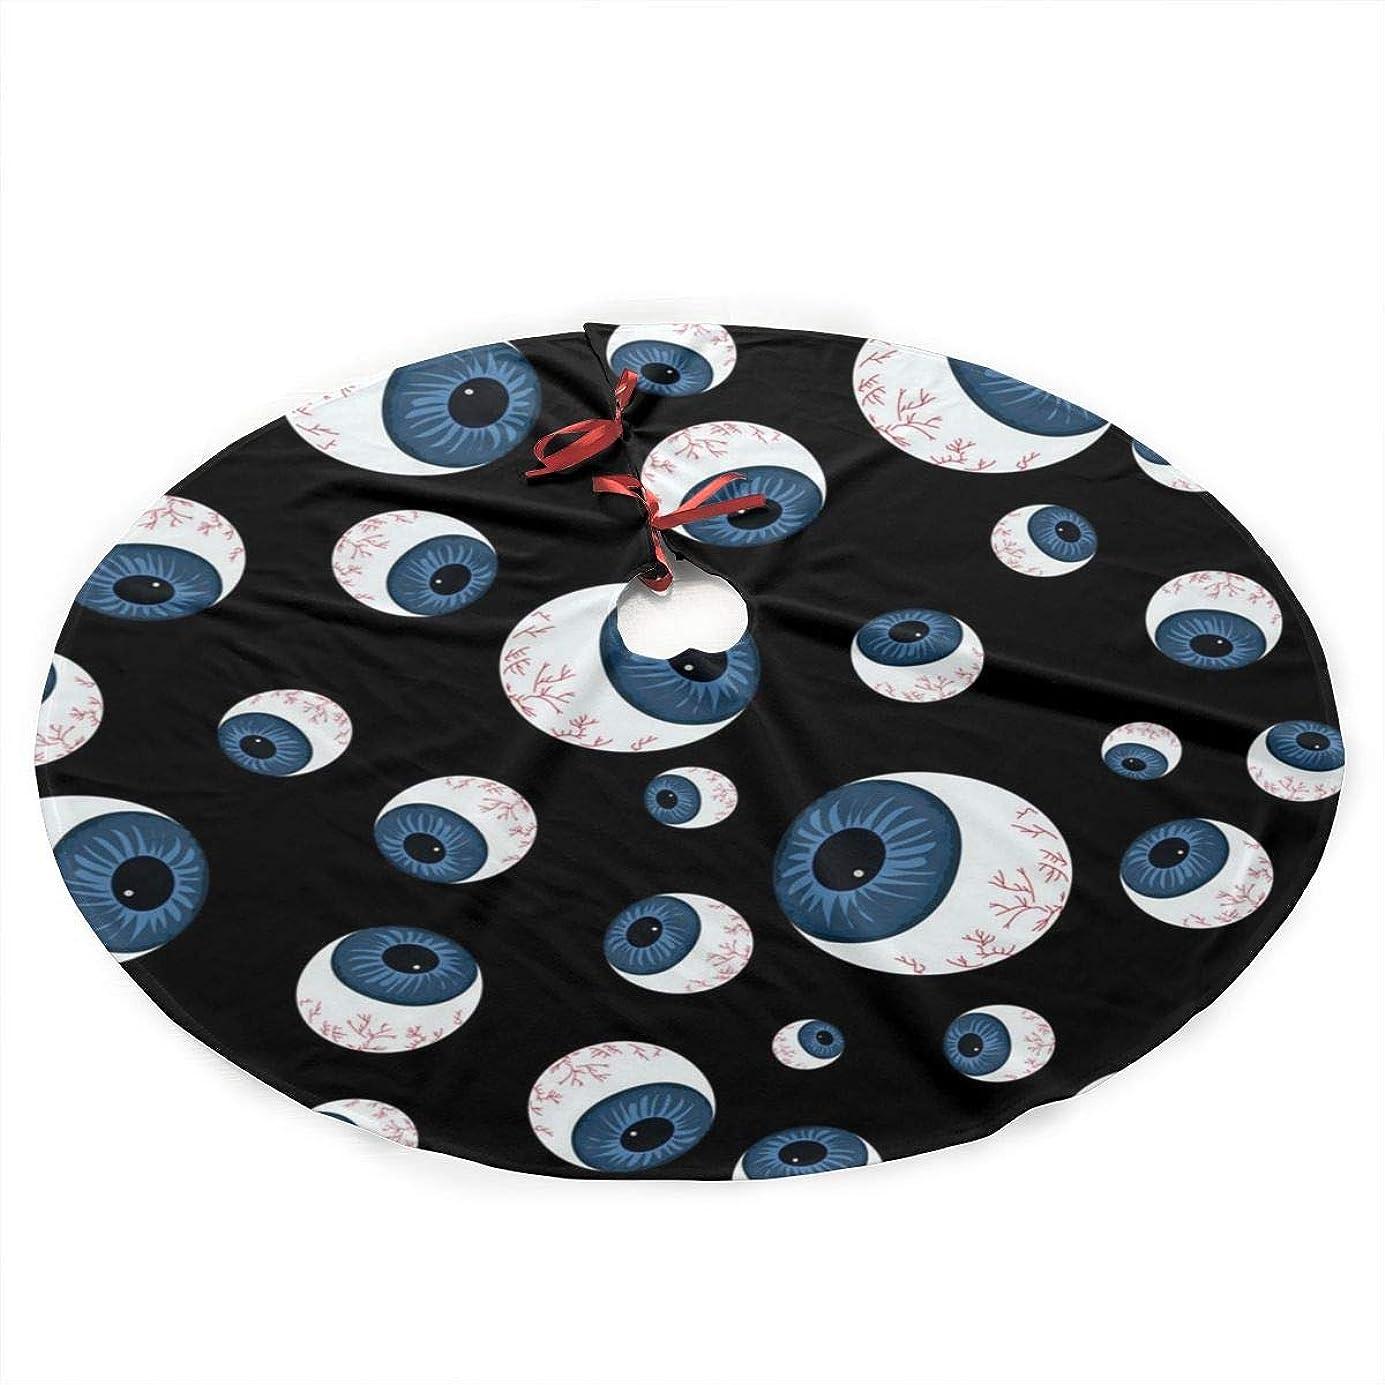 マニュアル封筒キャンディー眼球 クリスマスツリーのスカートのカーペットパーティーはあなたのクリスマスツリーを飾る長い